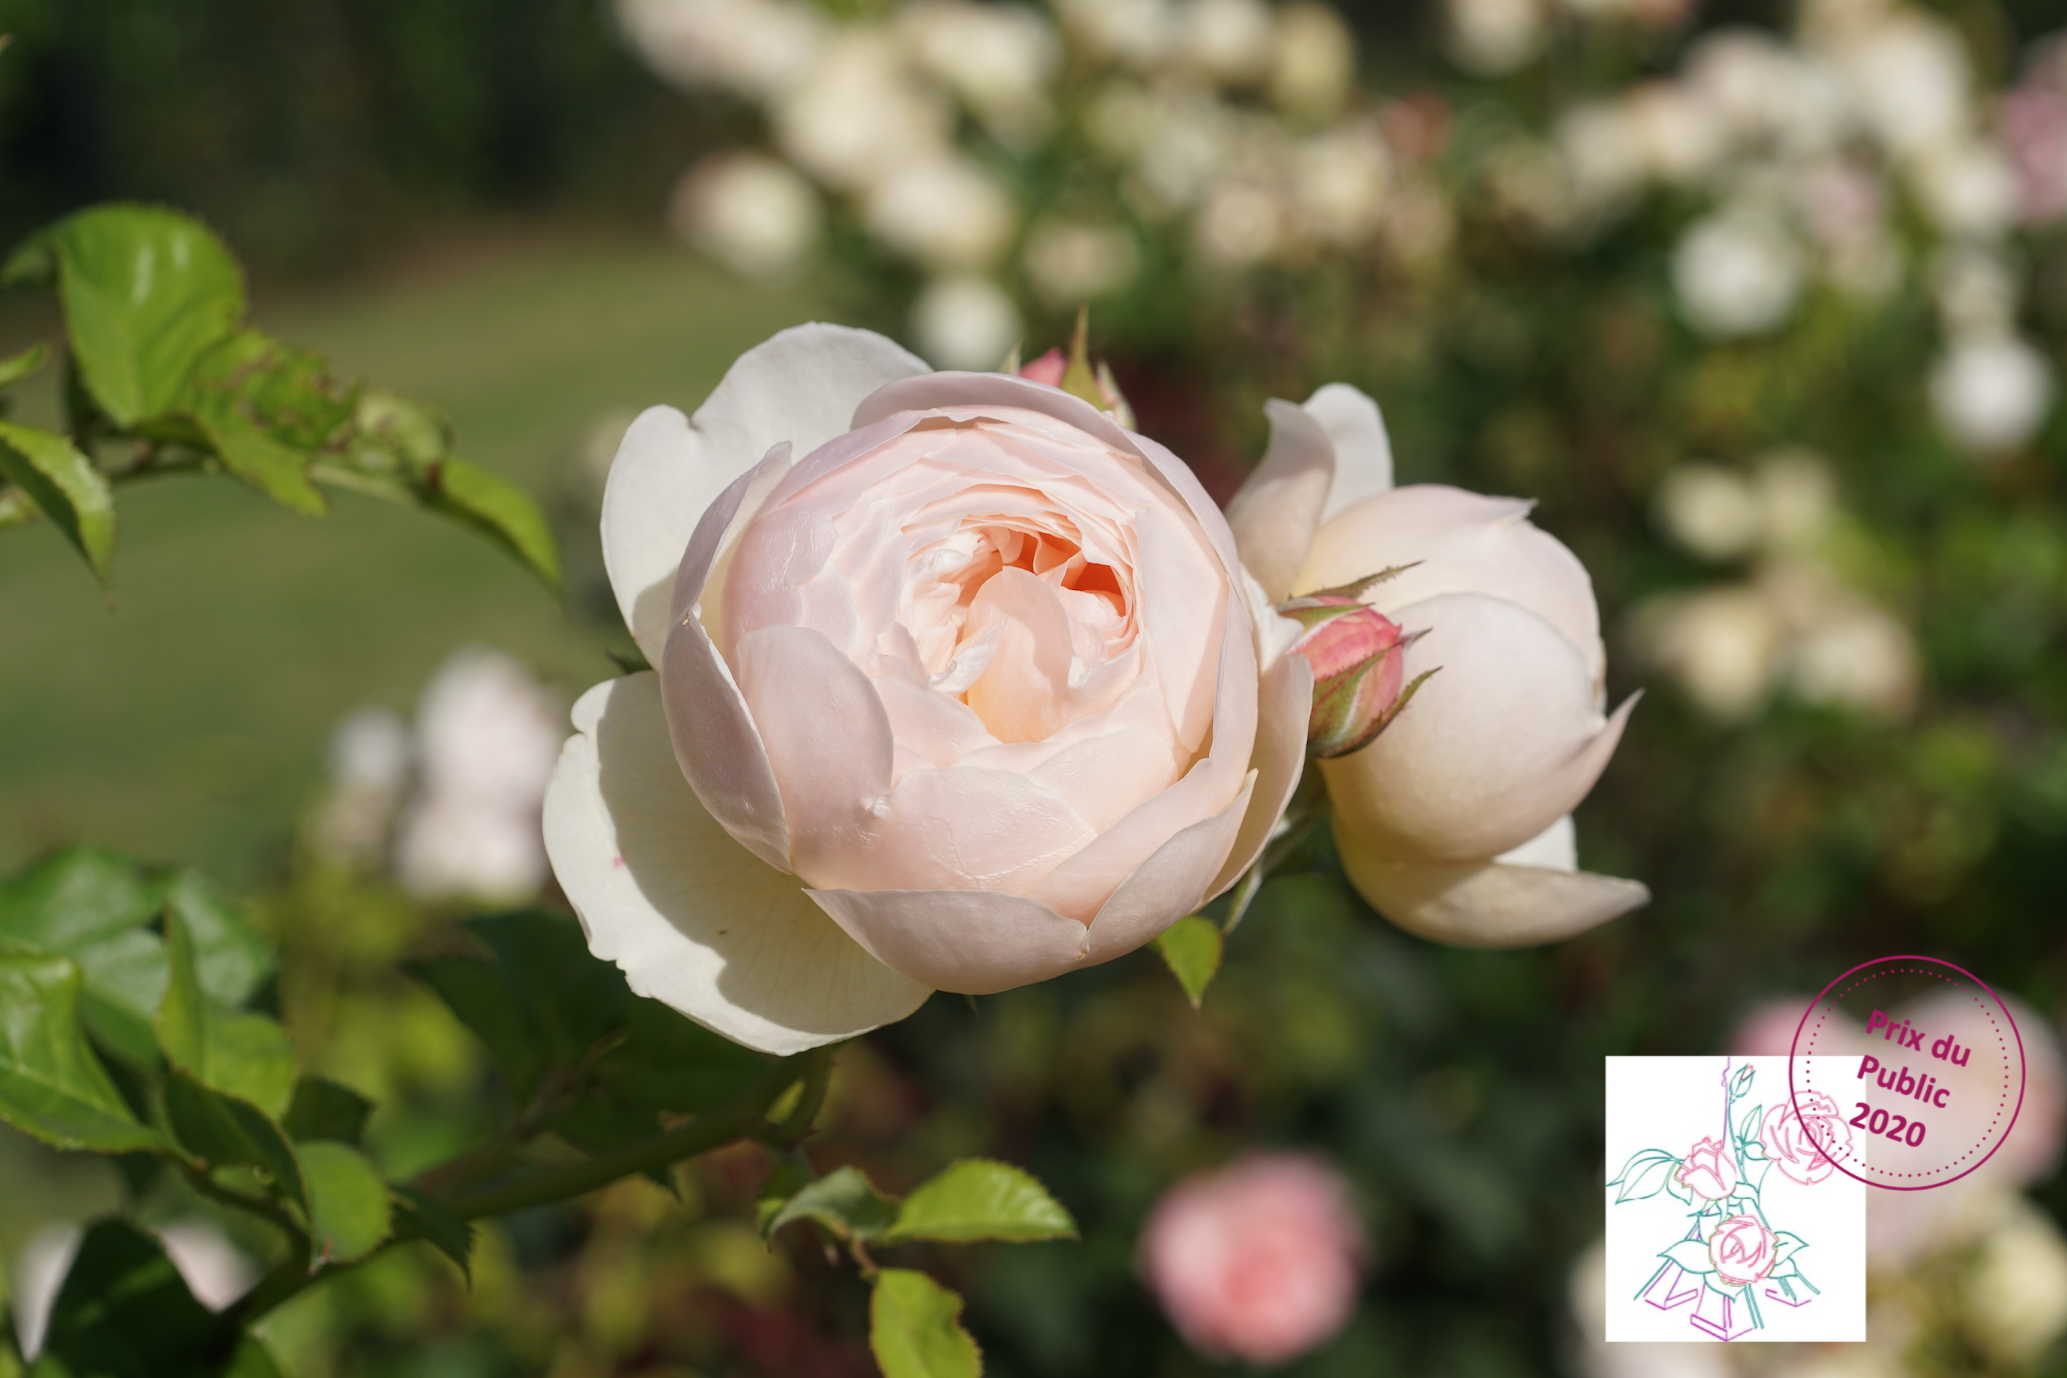 La reconnaissance du public au concours de Bagatelle - Roses Guillot®